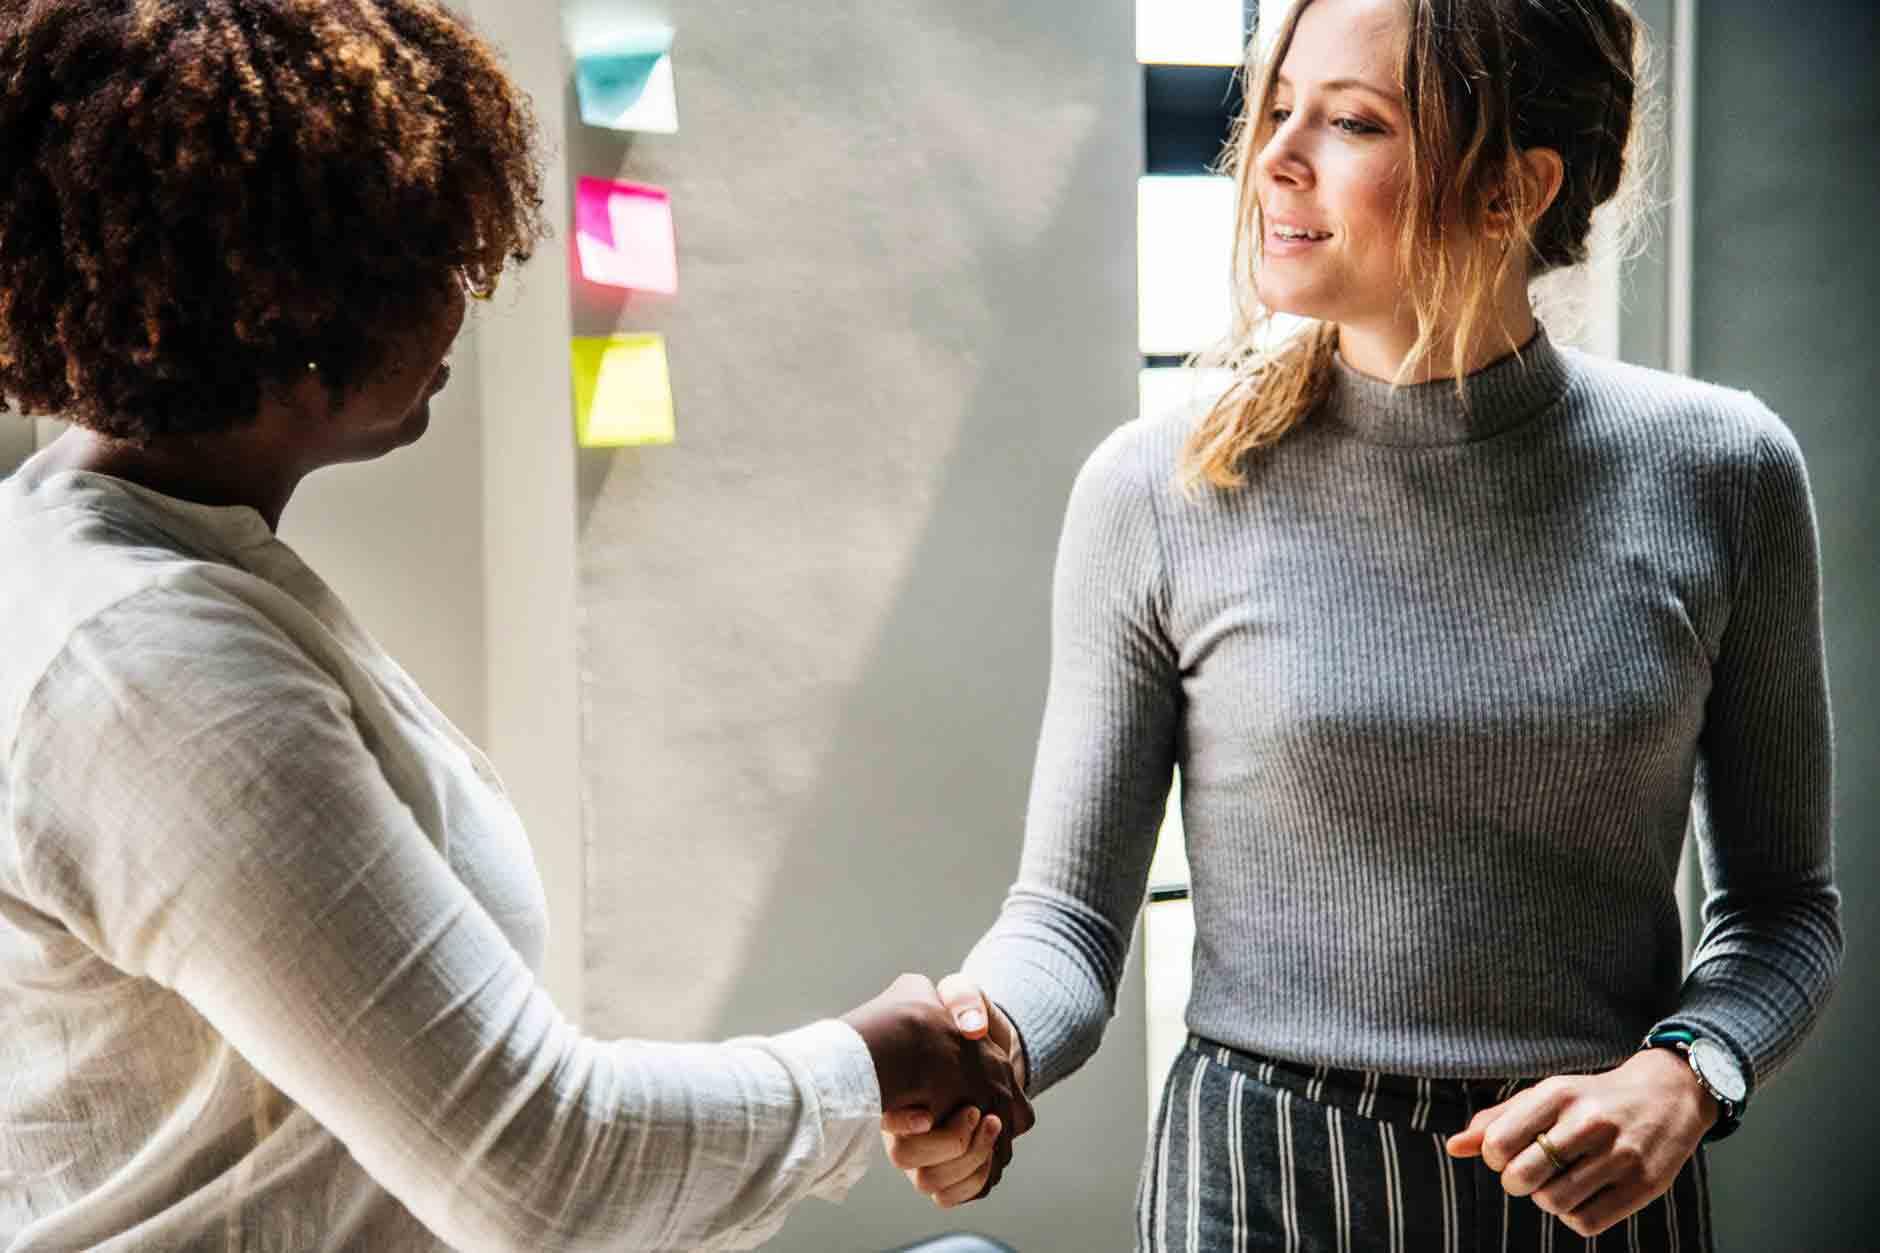 Acordo Coletivo e Convenção Coletiva de Trabalho: o Guia Definitivo!